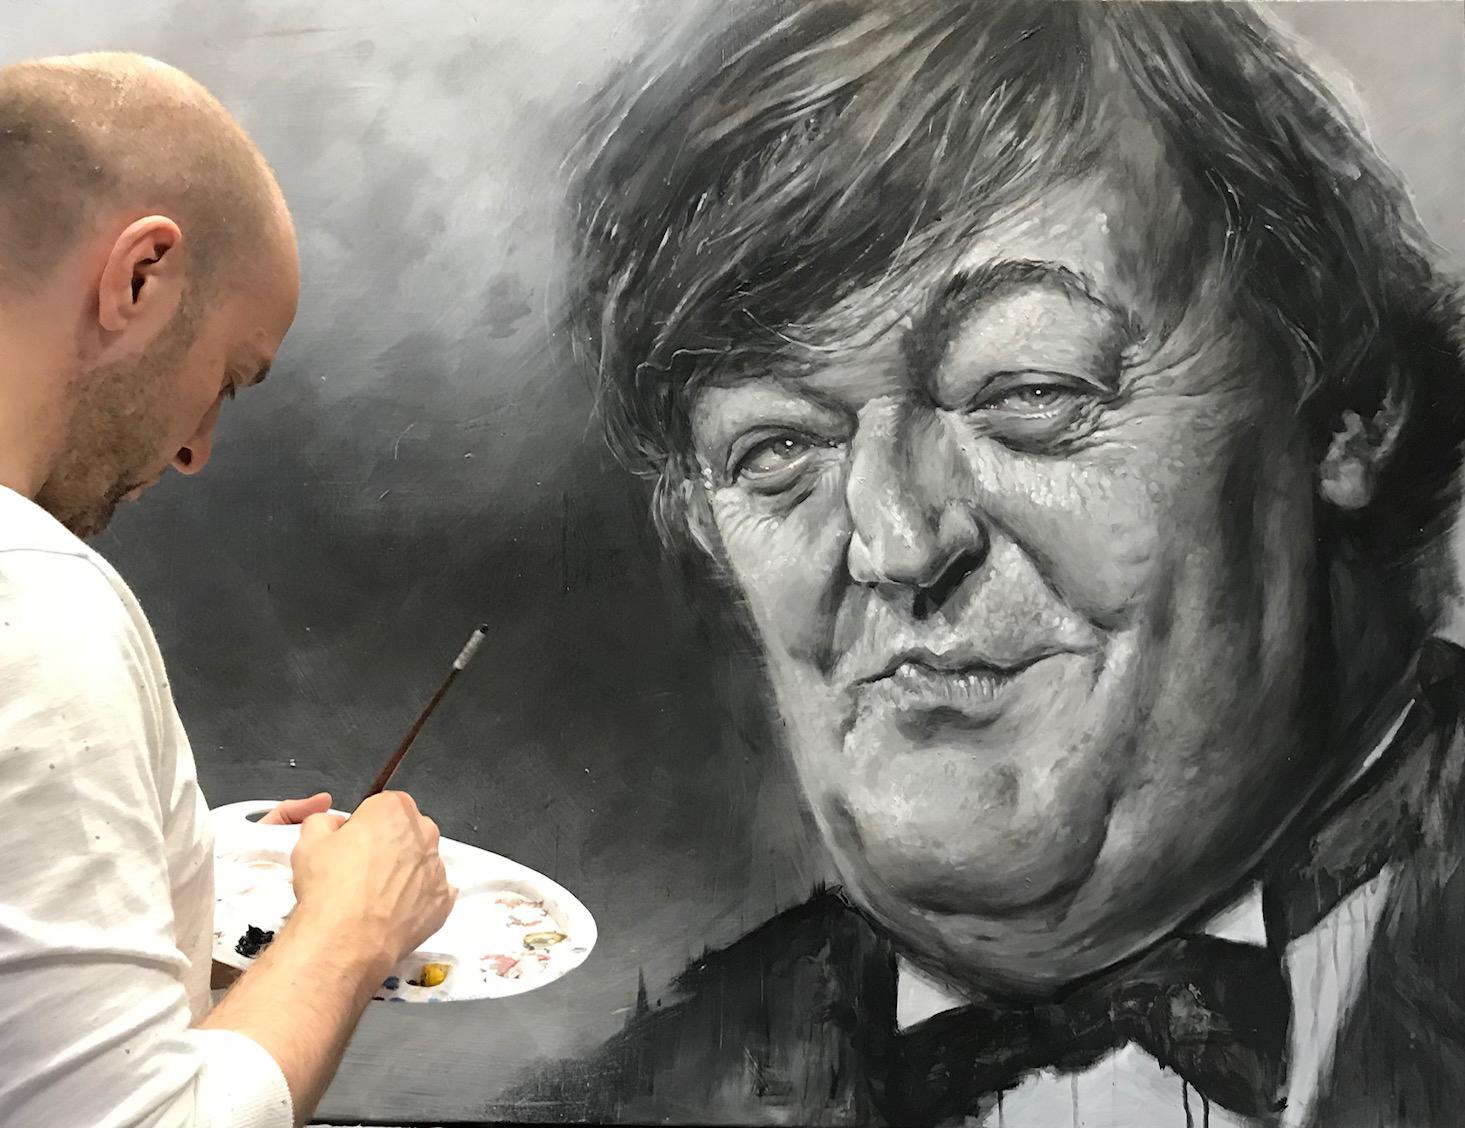 Derren Brown painting Stephen Fry